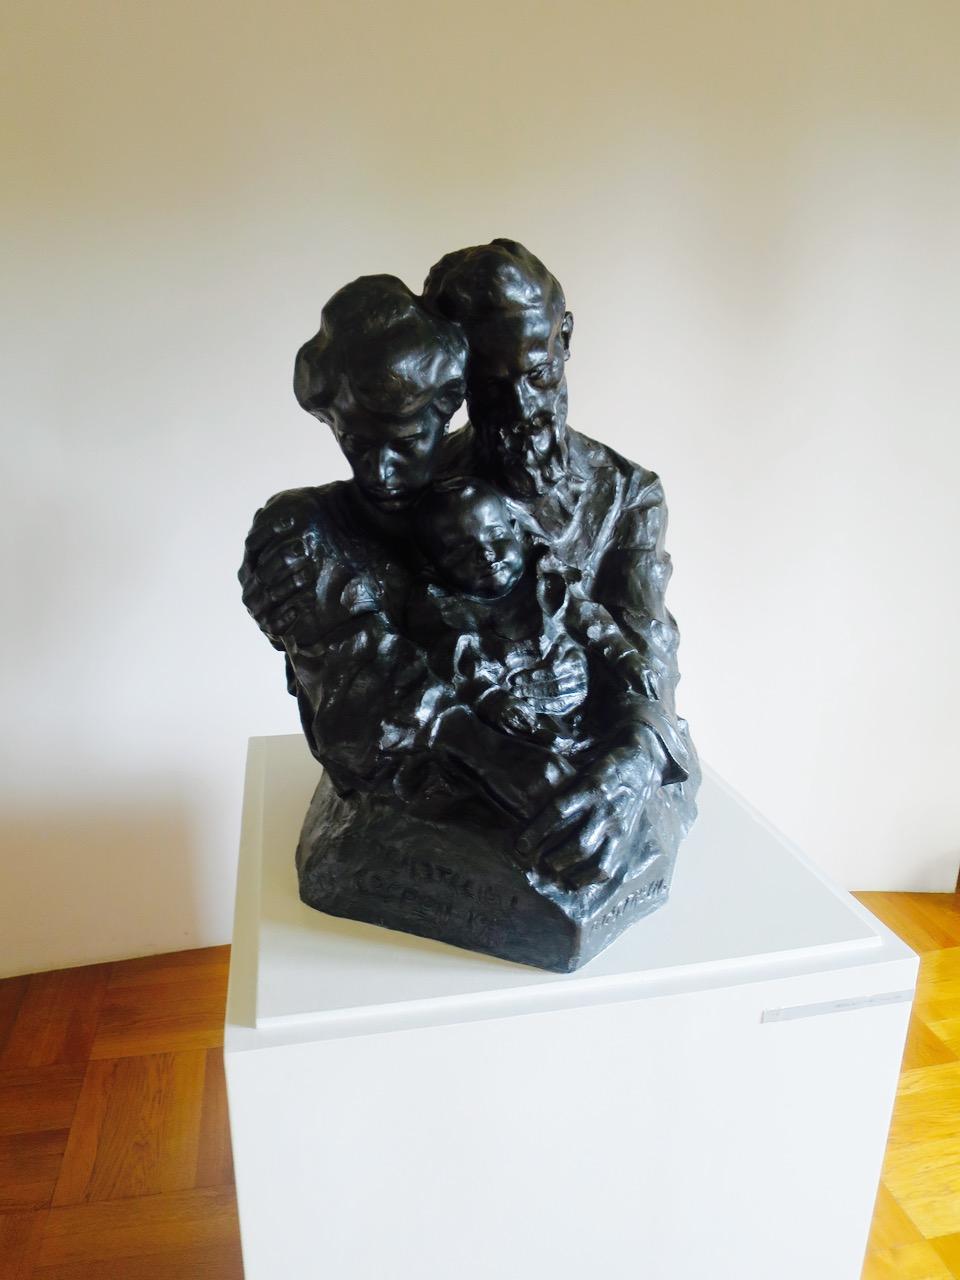 Meštrović Gallery